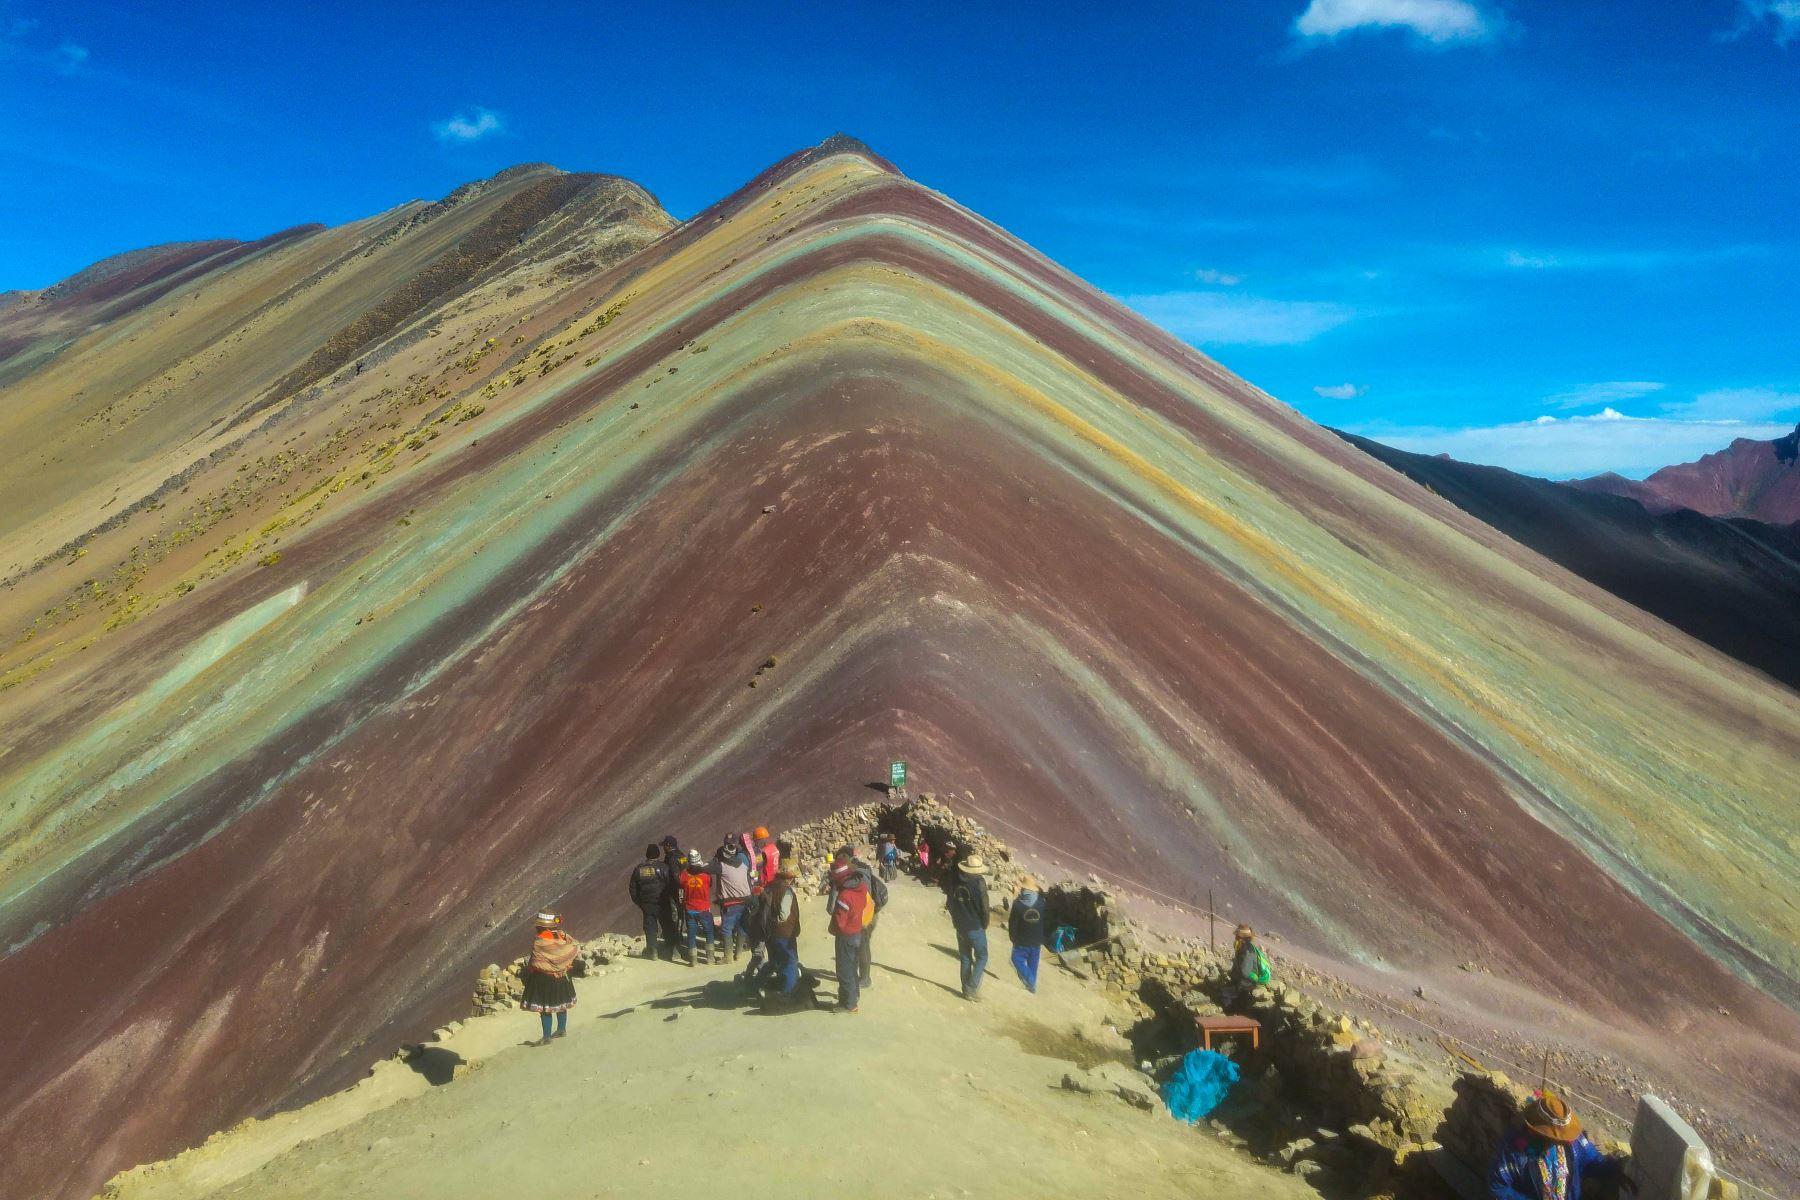 Turismo de aventura: revista Wanderlust destaca a Vinicunca y Kuélap como destinos ideales. ANDINA/Difusión